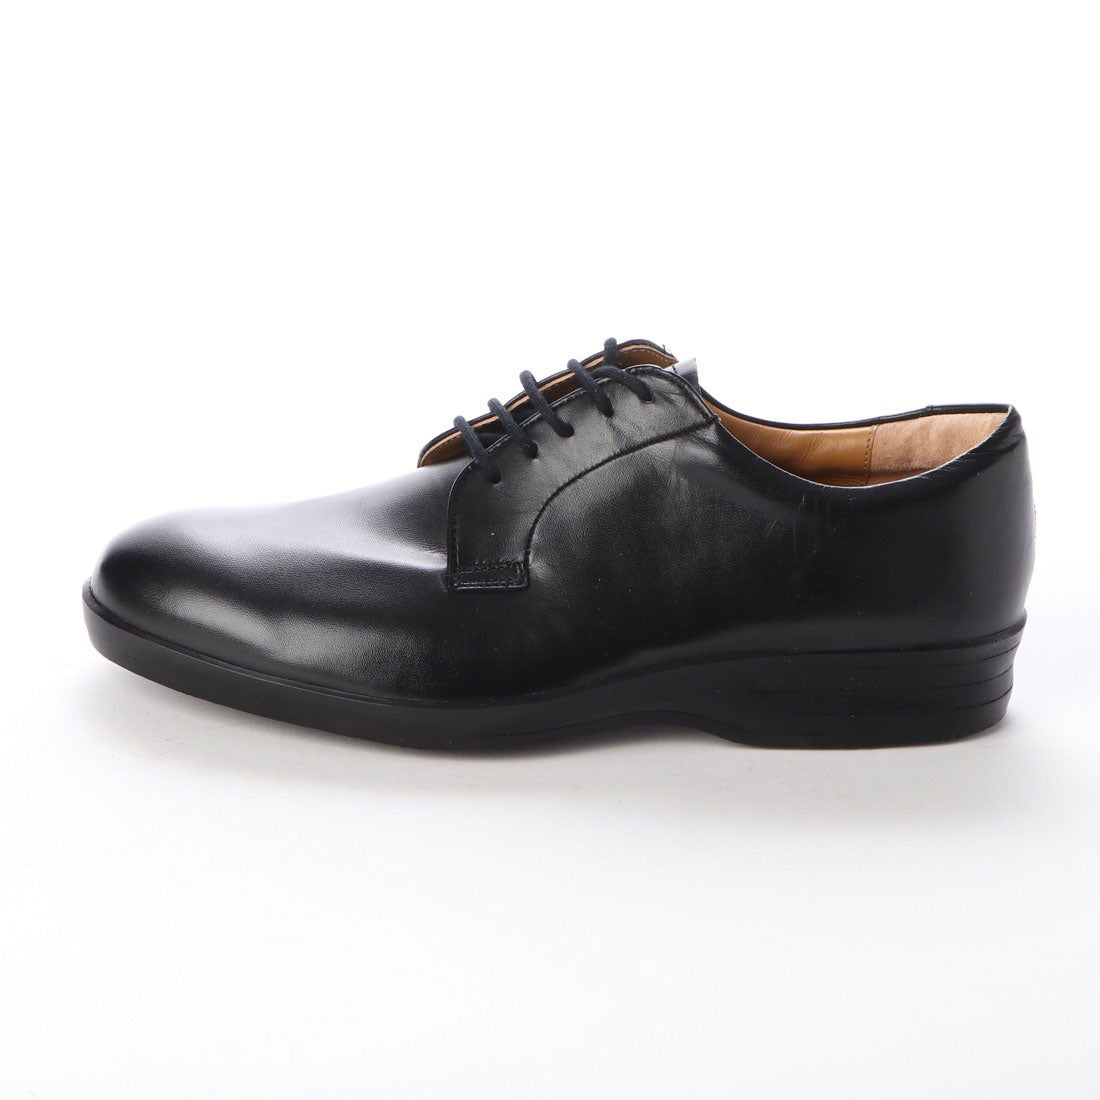 【大塚製靴 外羽根プレーントゥ OT-2013の画像コメント3】履き口のインナーや羽根の裏側の色にライドブラウンを差し込んでいます。それほど目立つ部分では無いのですが、こういったちょっとした色のこだわりは結構好きです。特に日本では、靴を脱ぐ文化なので、インナーまでこだわっているとそれだけも高ポイントだったりするのです。